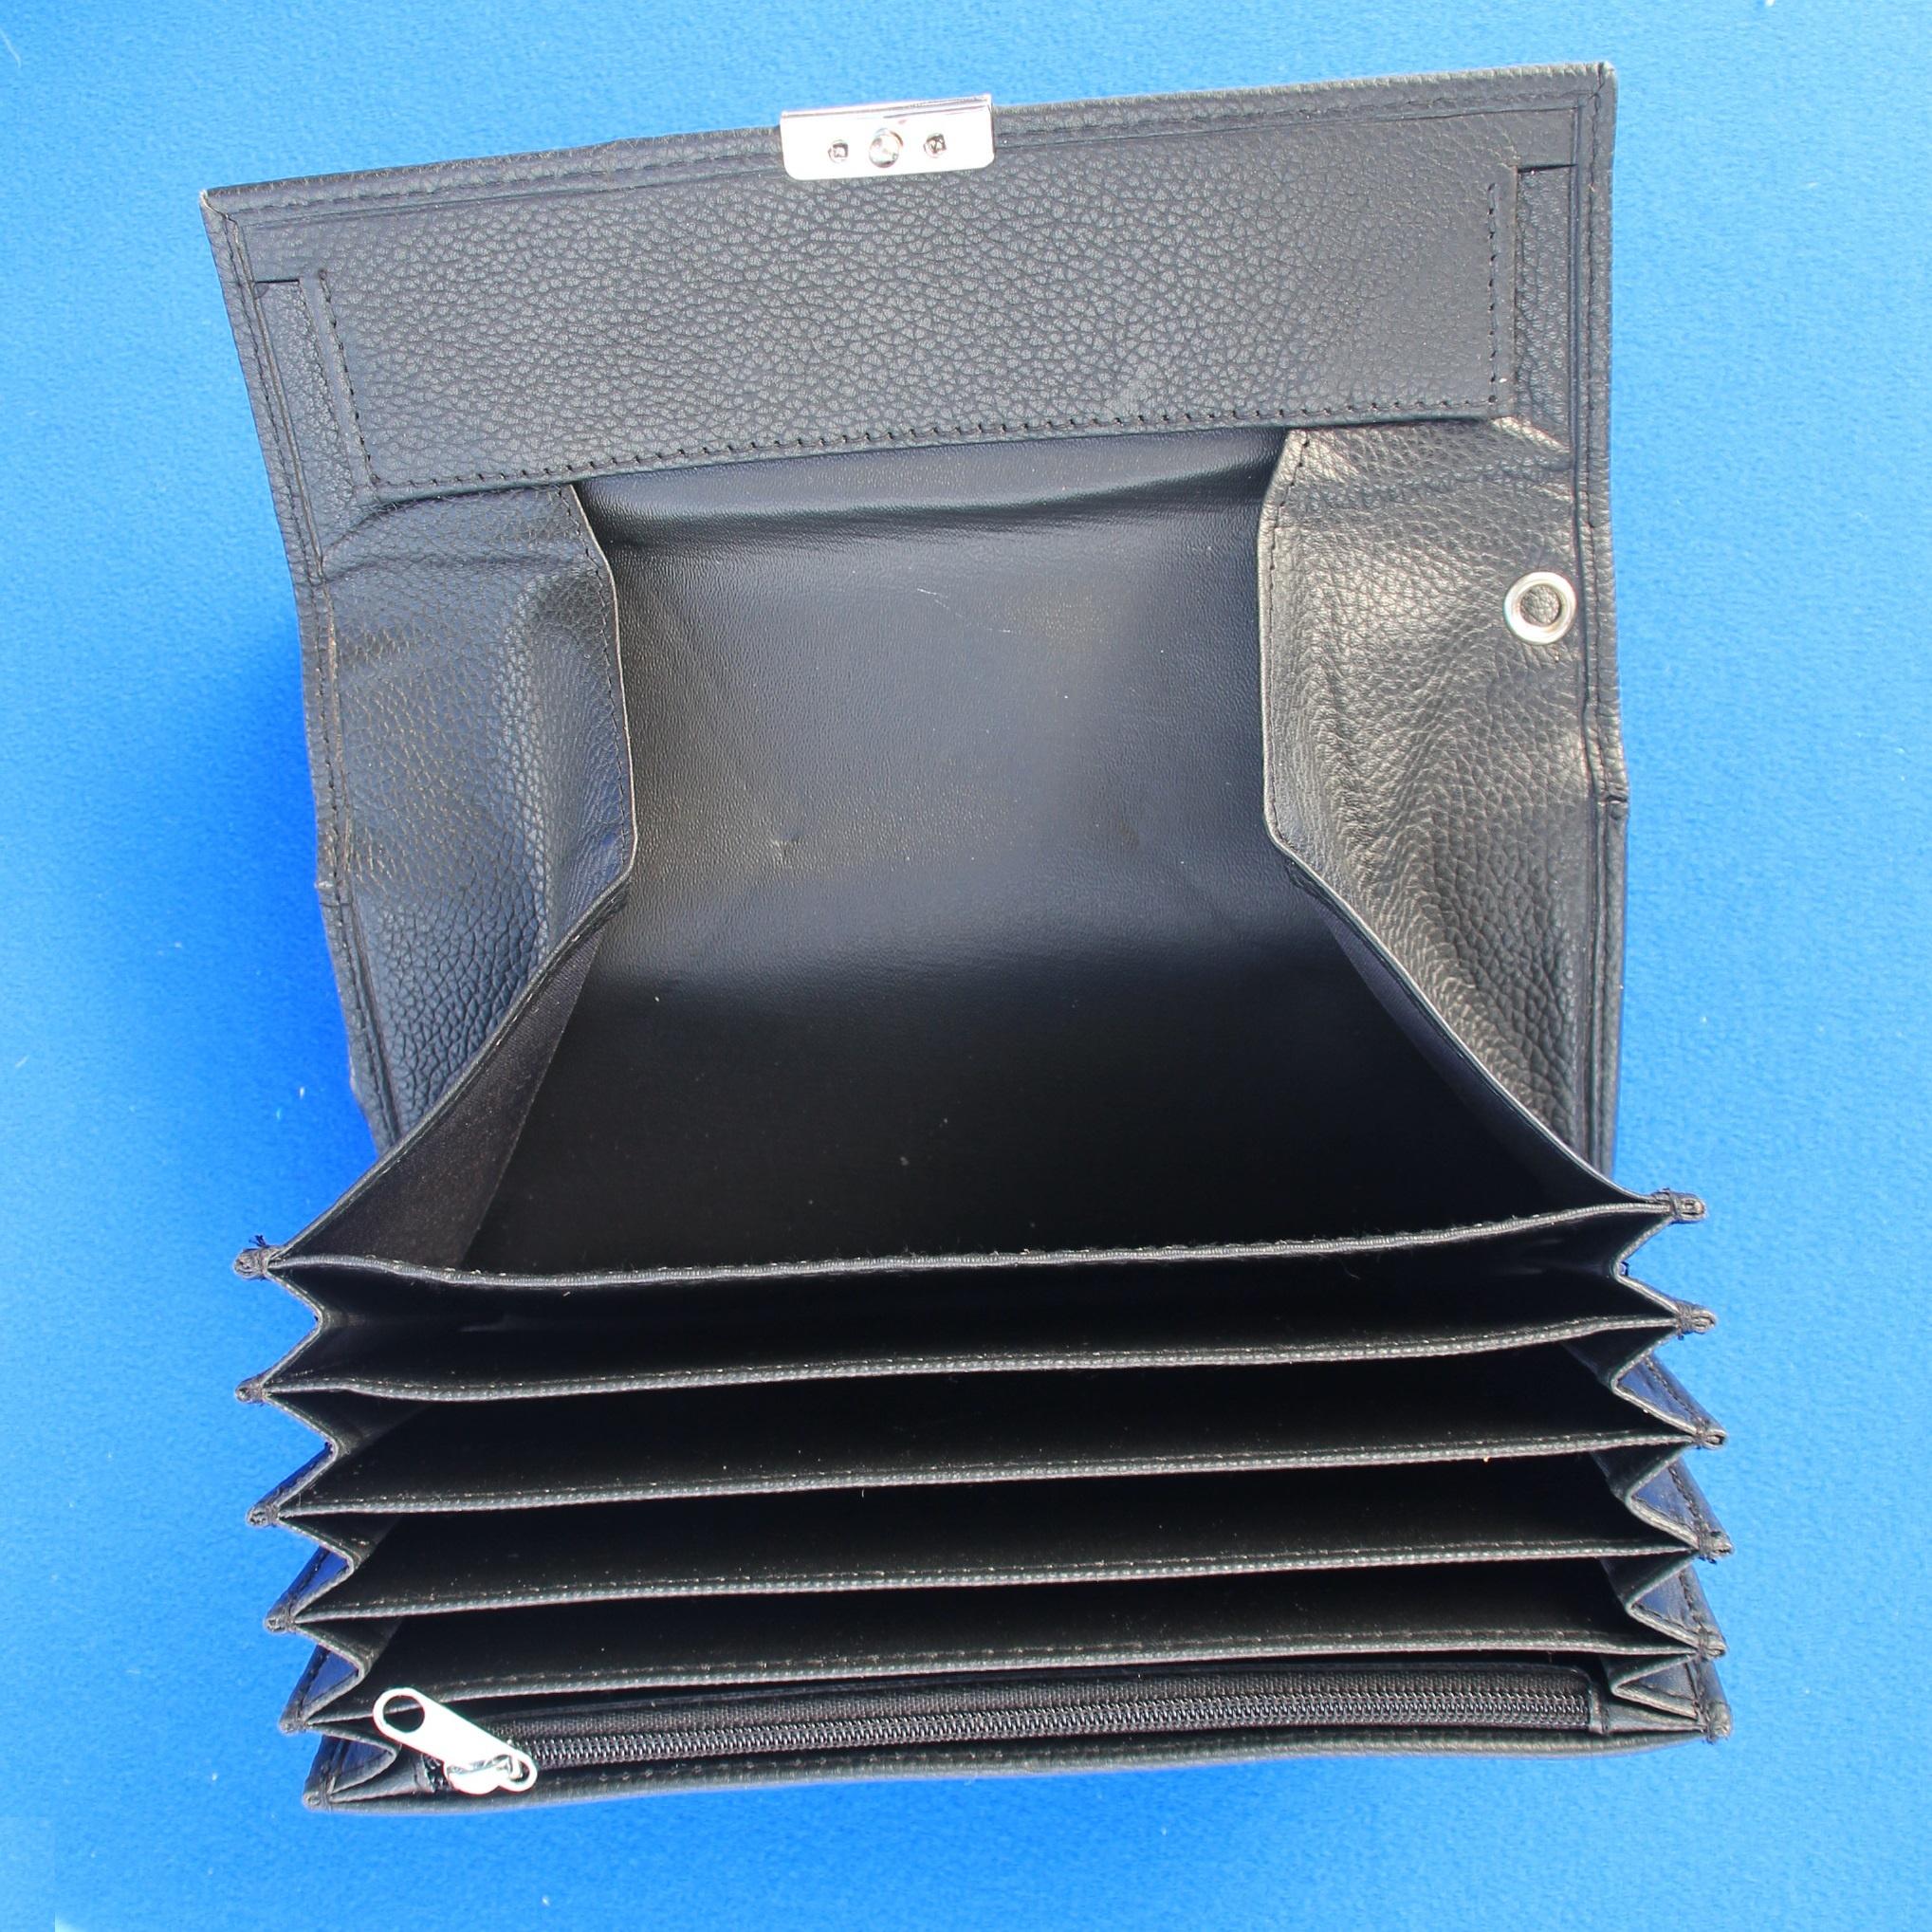 CombiCraft Kelnerbeurs 175 x 90 mm van Echt Rund-leer  (Natuur gedroogd) - Grovere structuur, prijs per stuk vanaf: